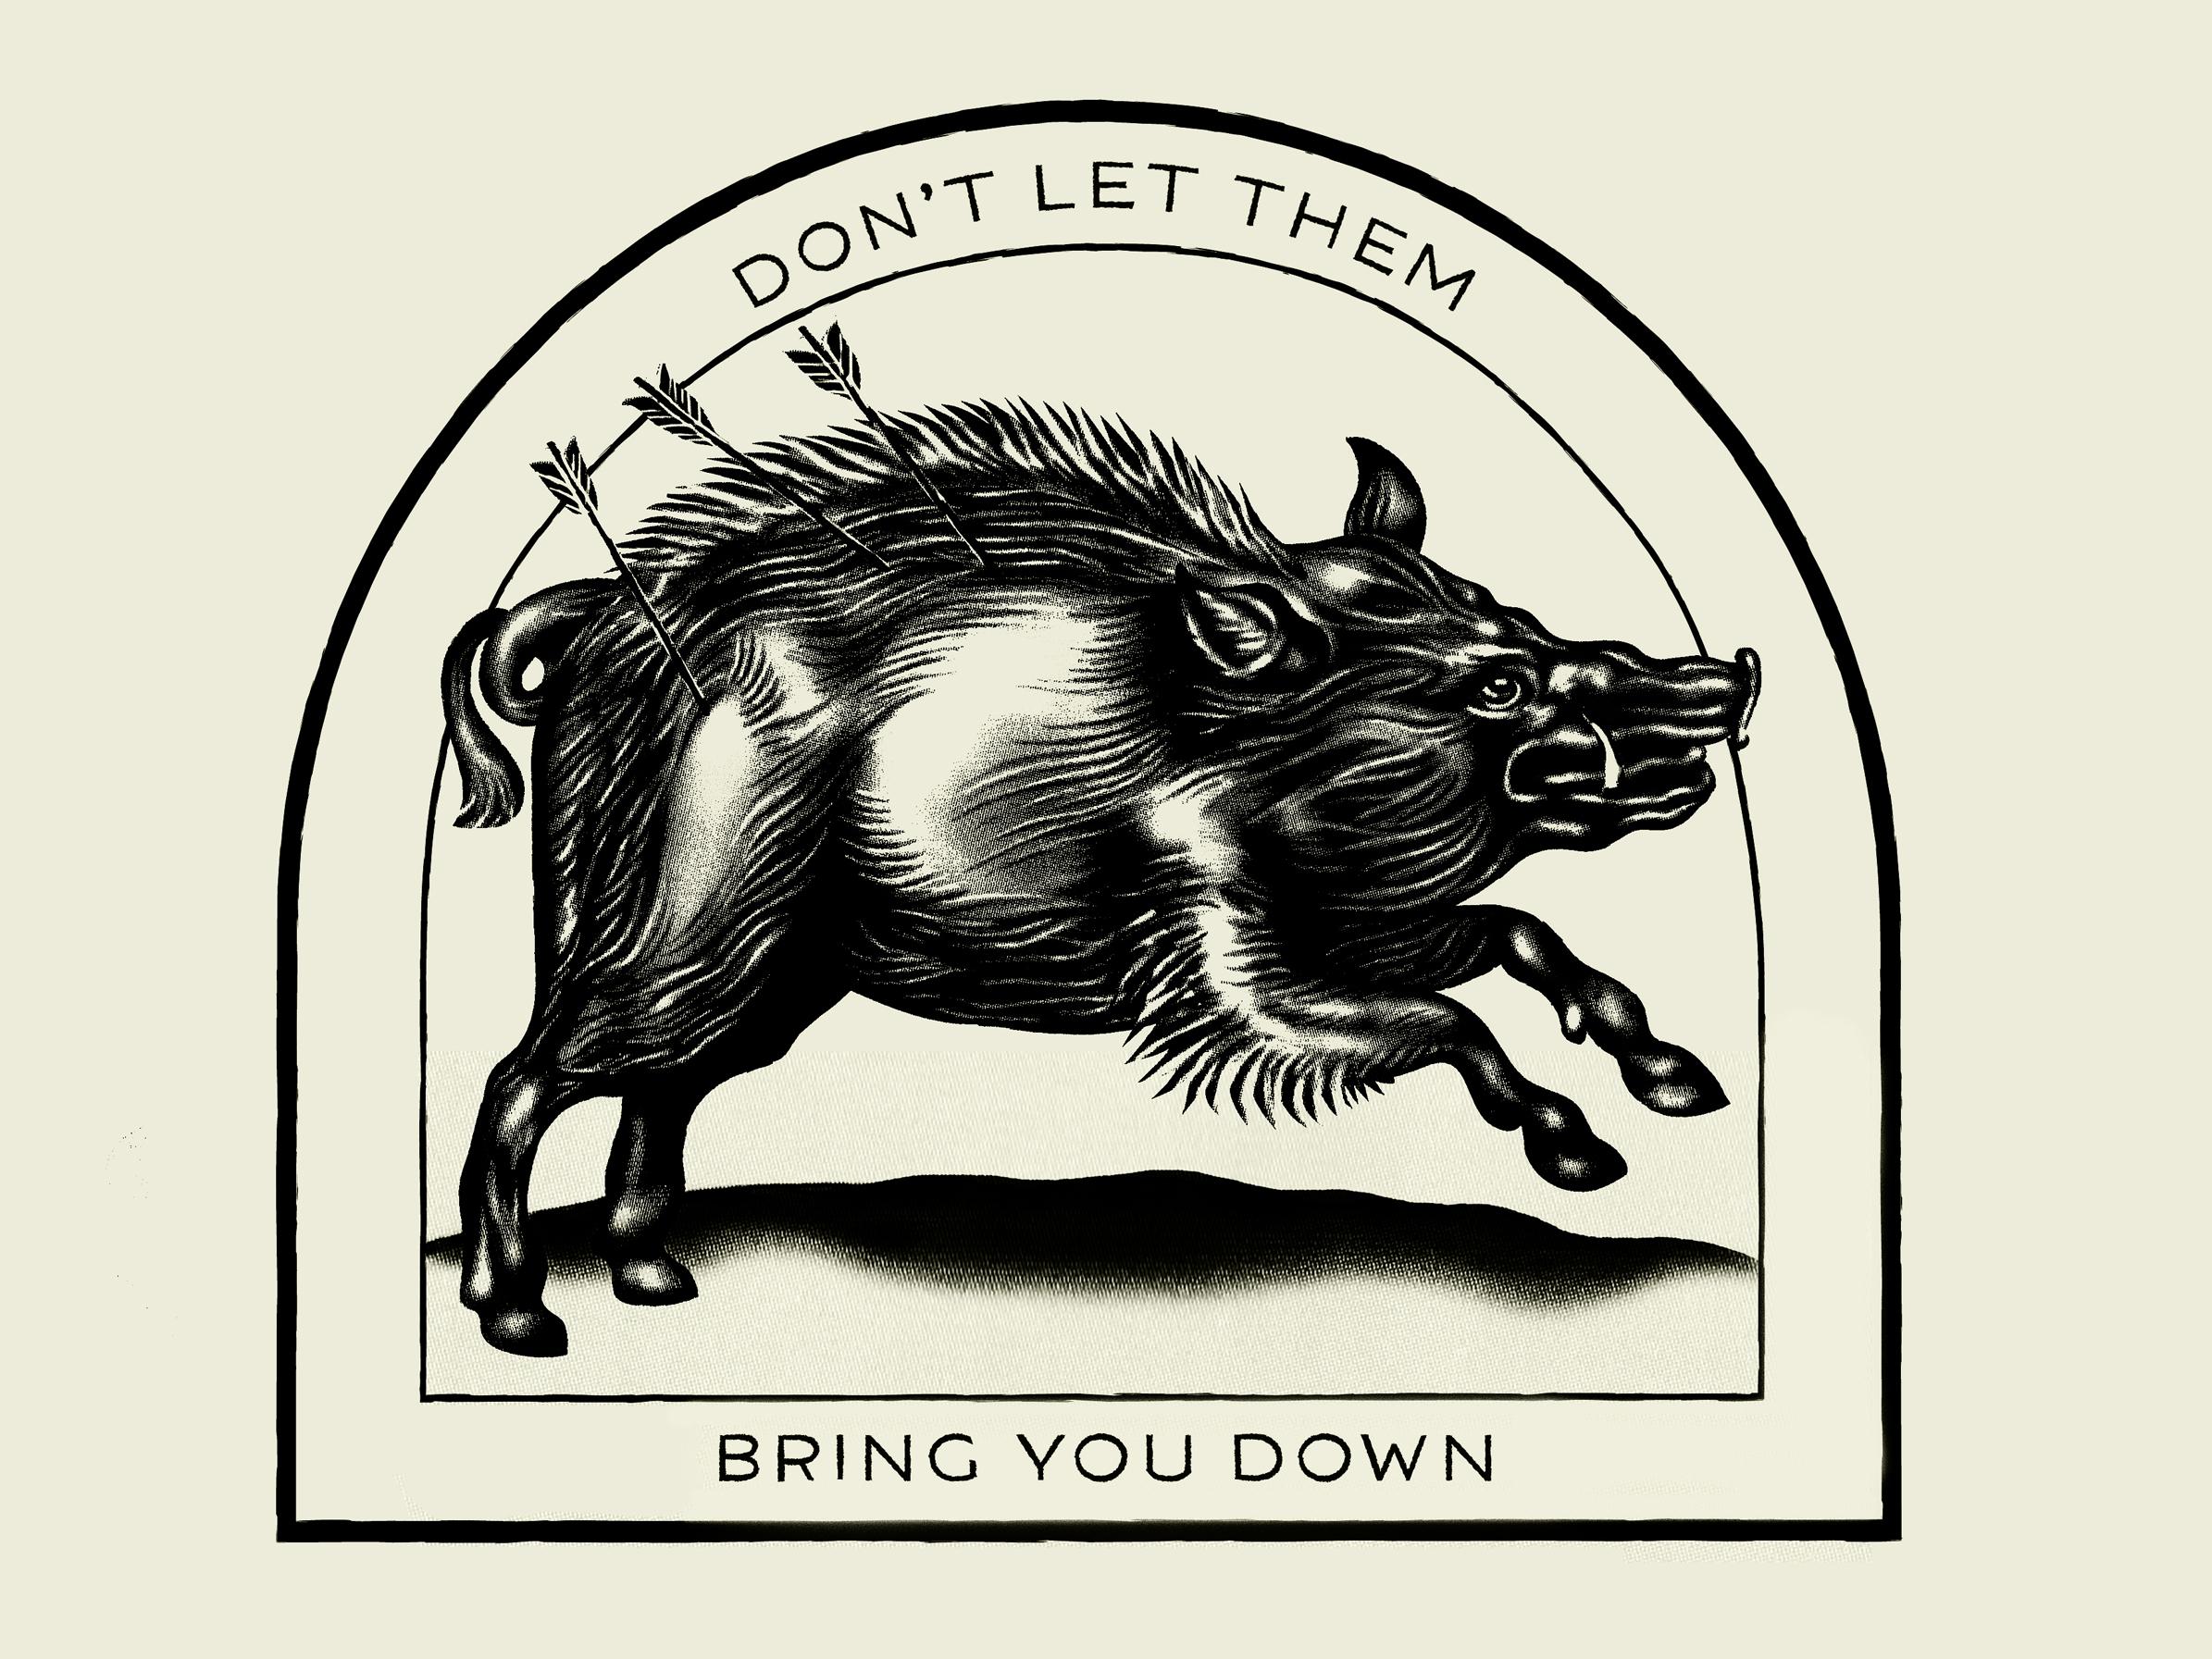 Dont let them dribbble